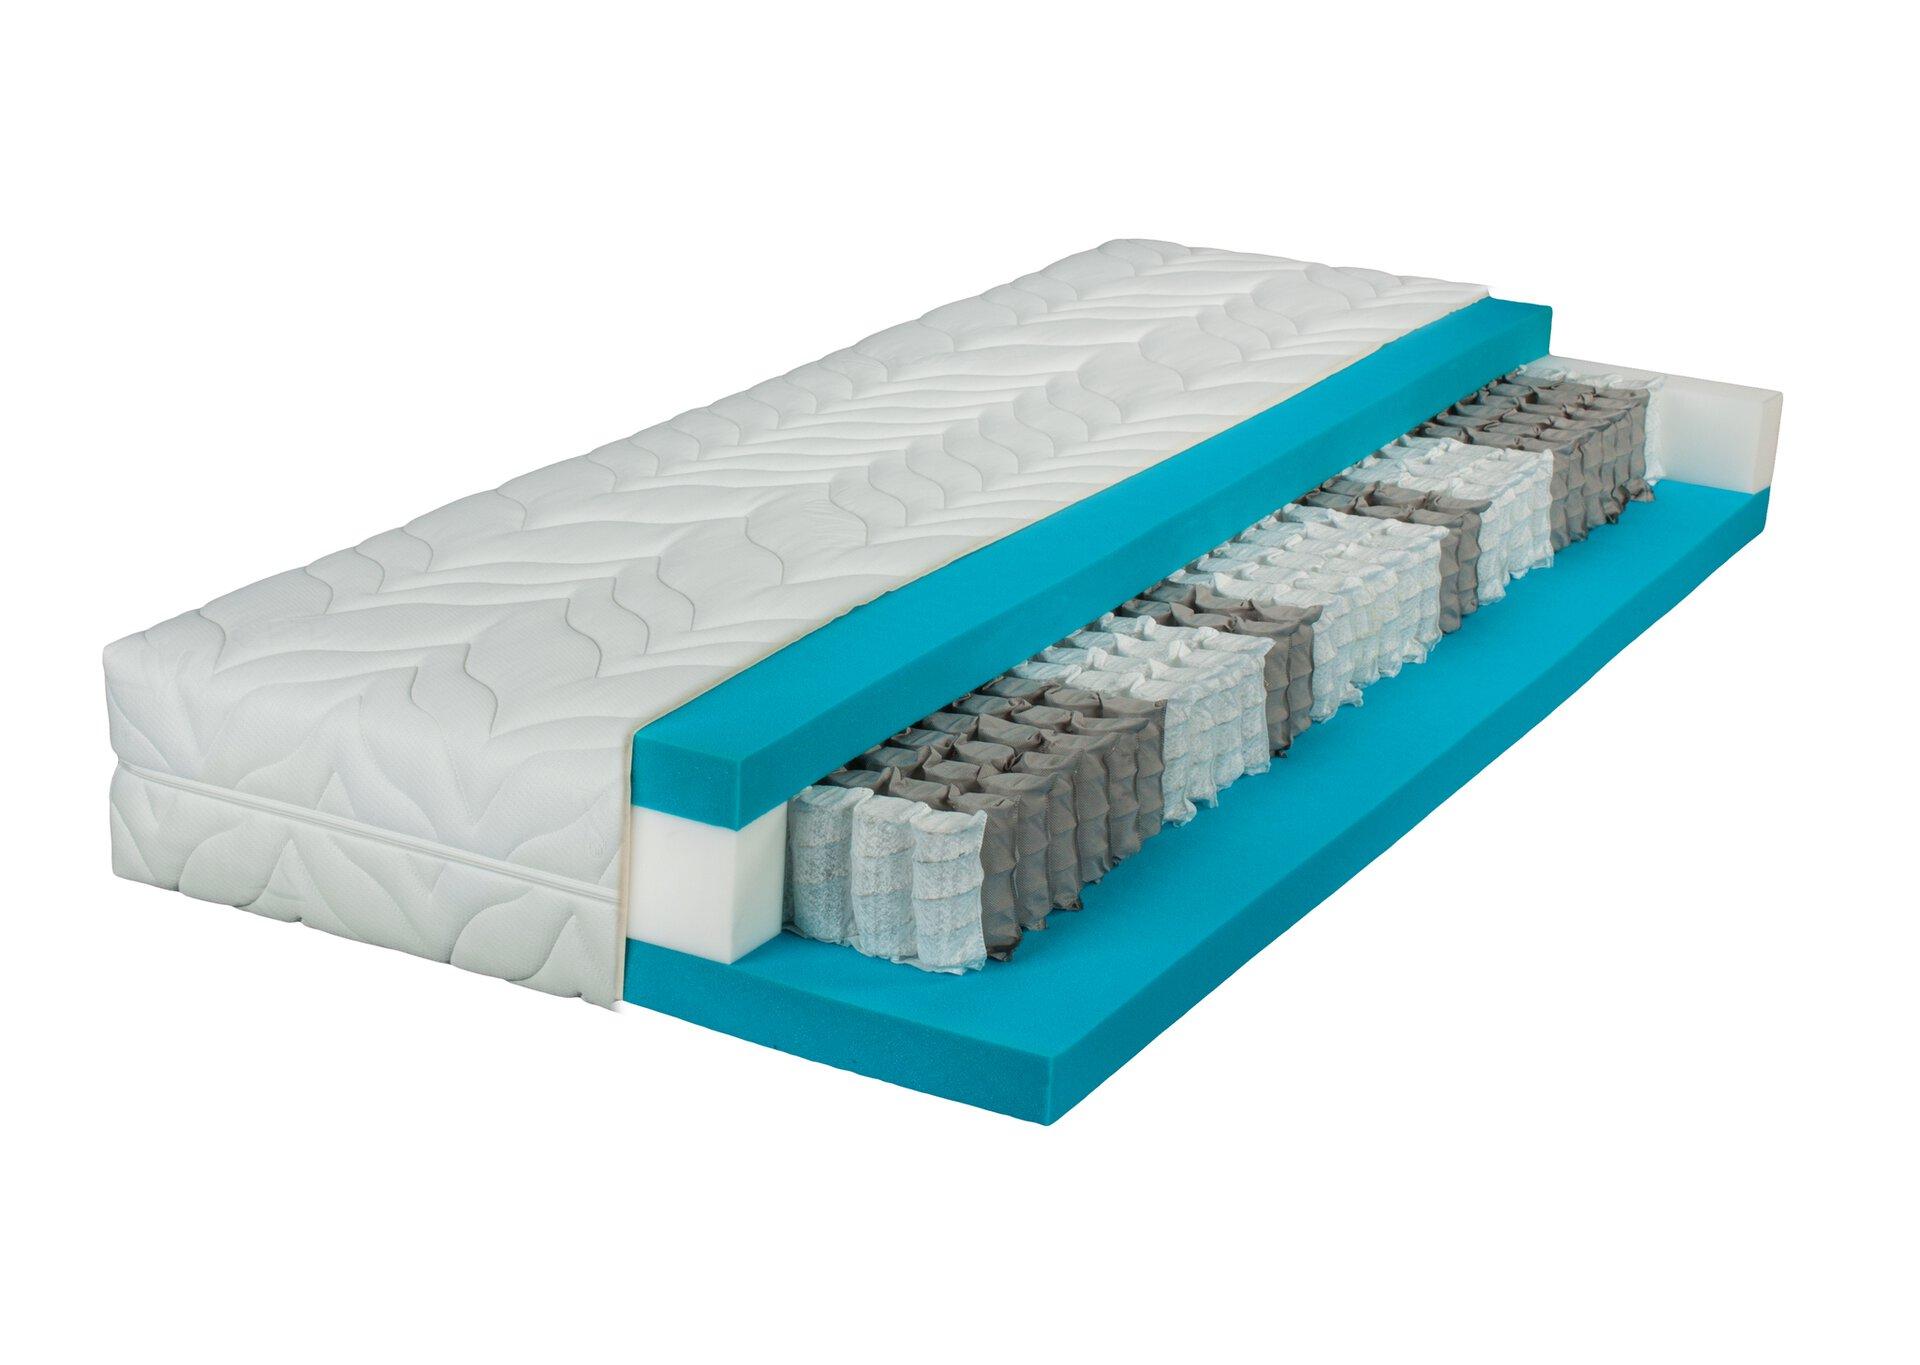 Taschenfederkernmatratze CIELO LIV'IN LIV'IN Textil weiß 200 x 25 x 90 cm